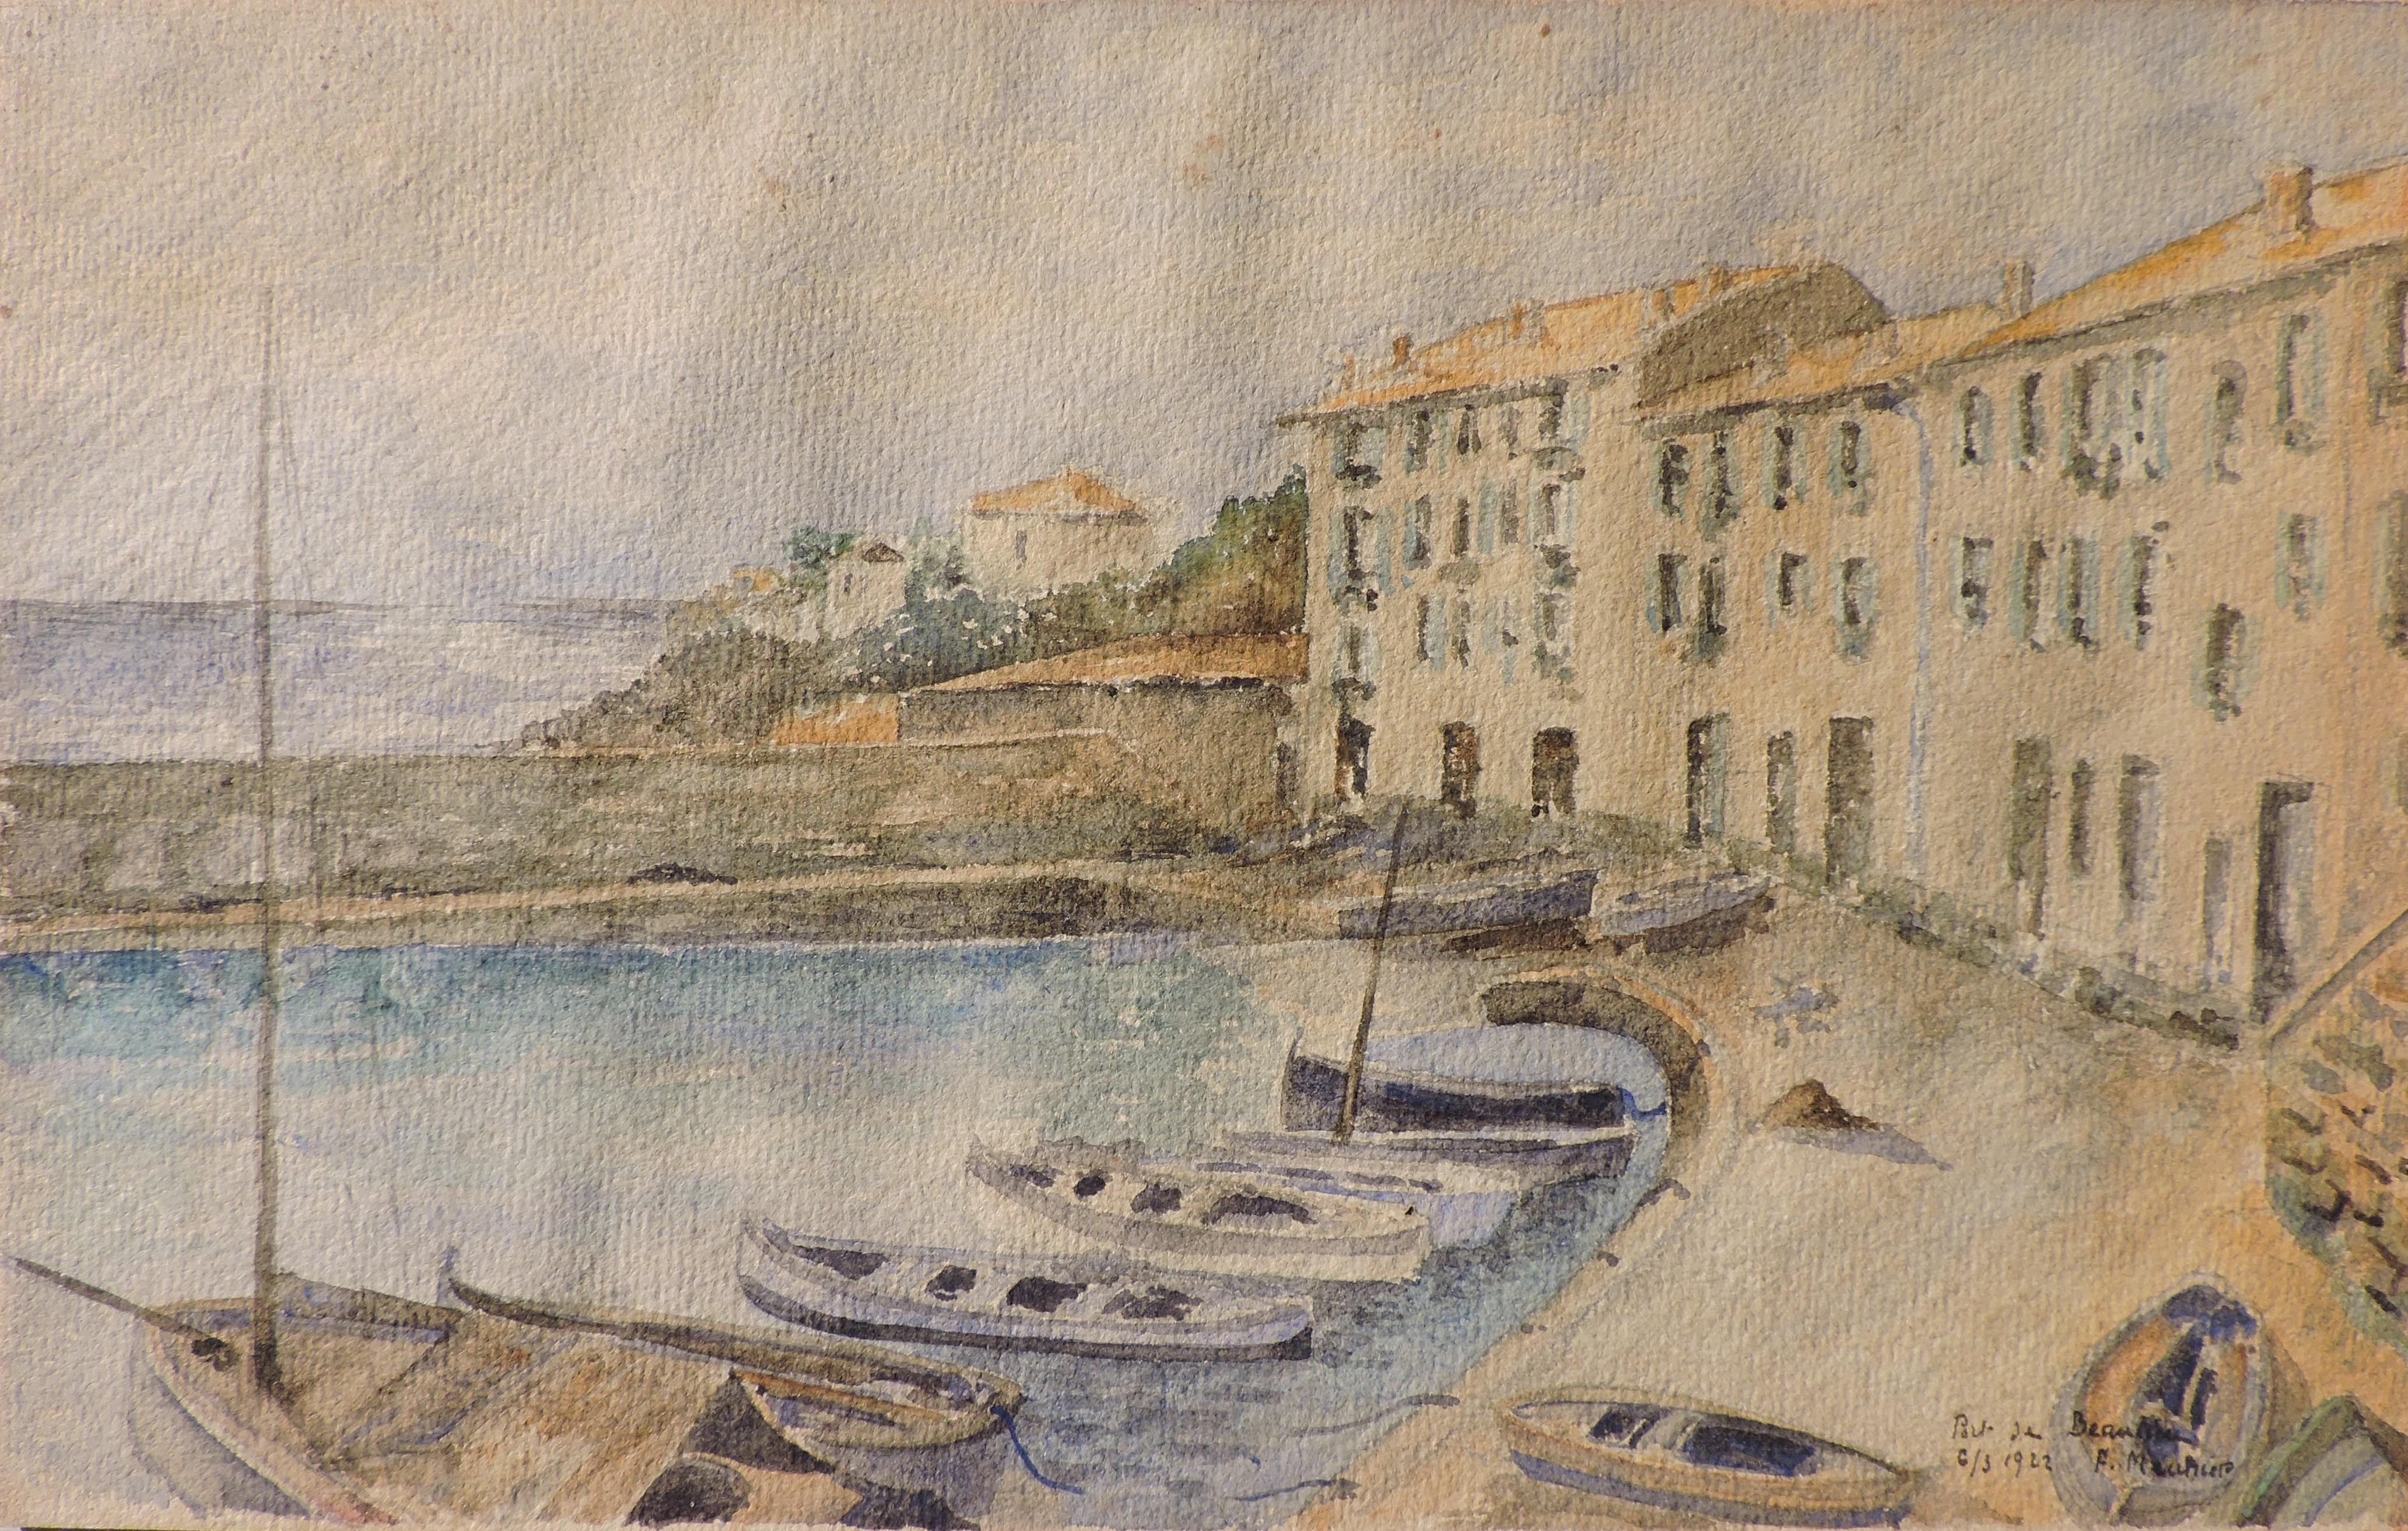 Beaulieu-sur-Mer